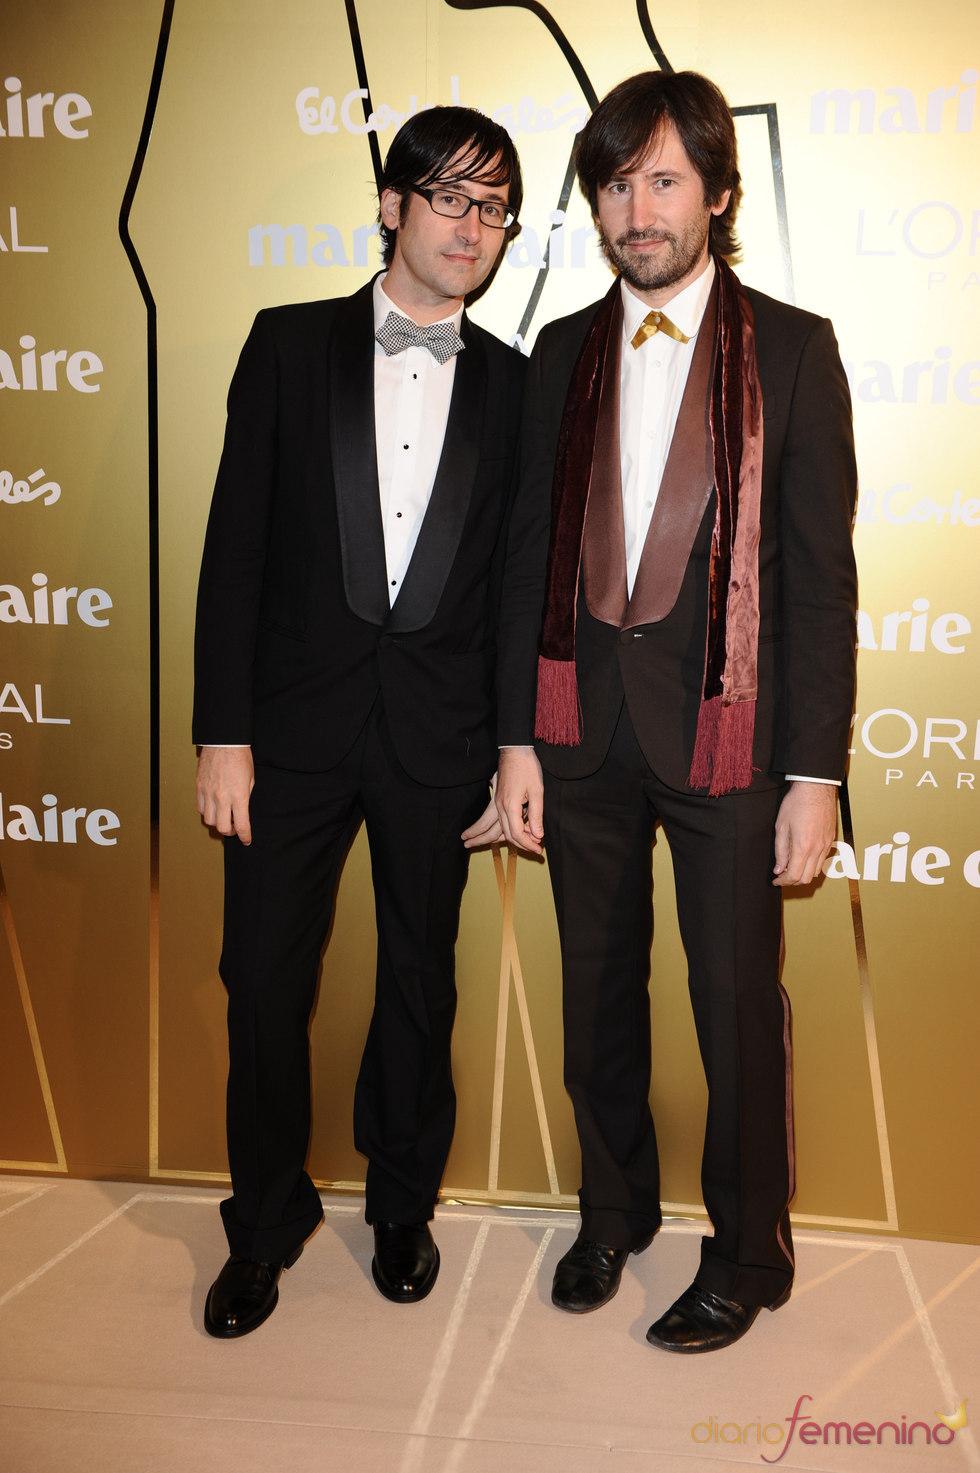 Ailanto durante los 'Prix de la moda' de Marie Claire 2010